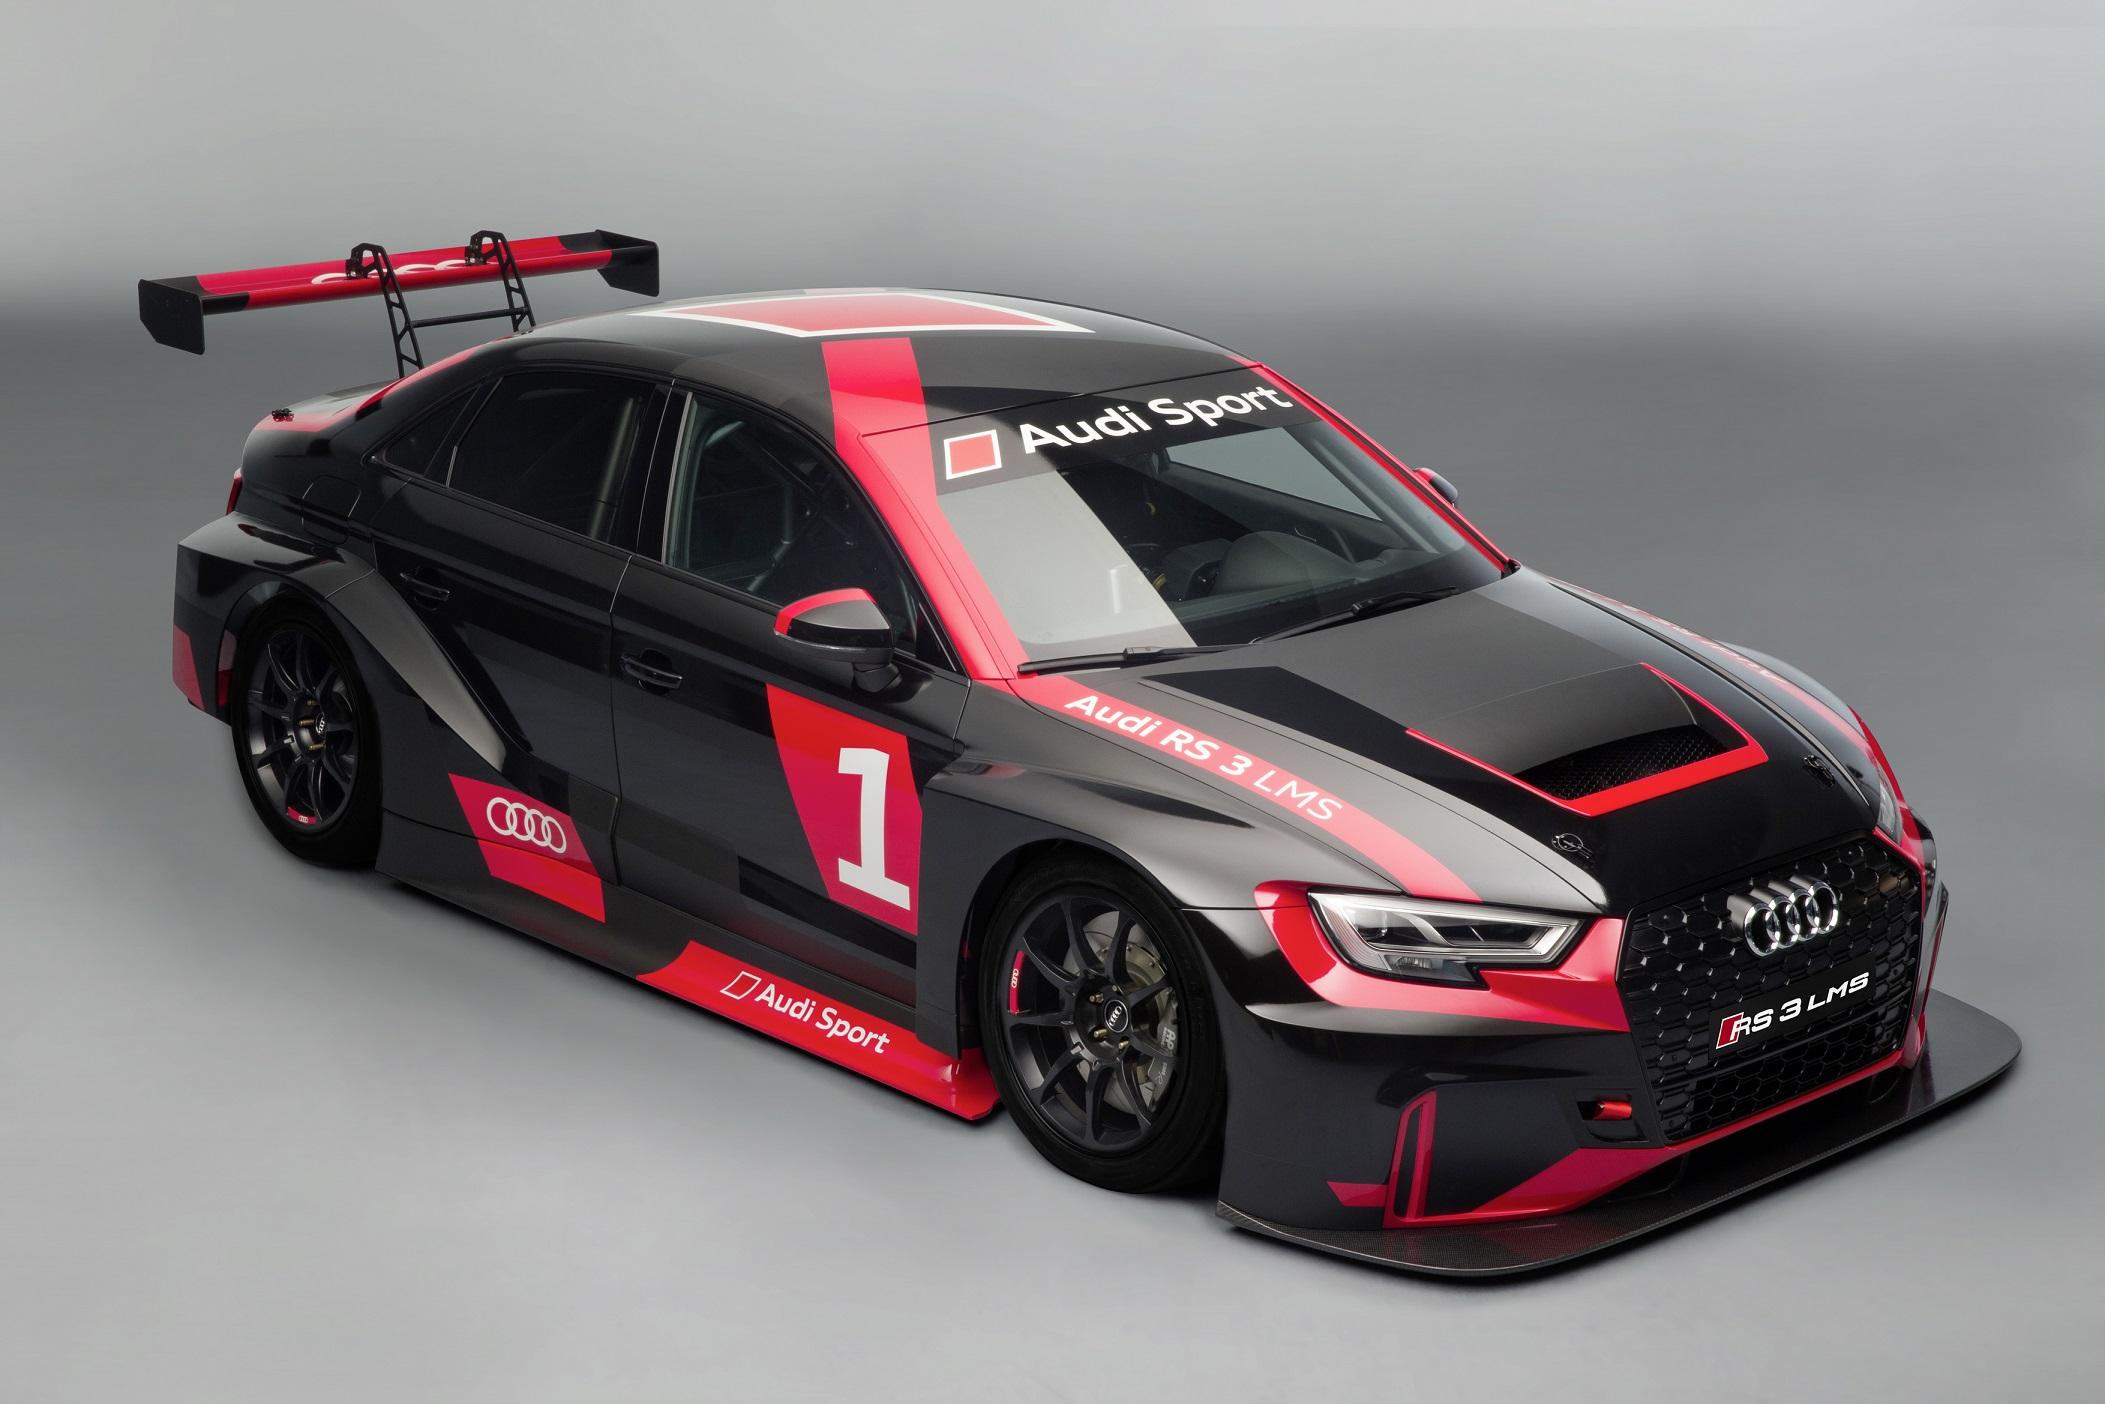 TCR is de toekomst voor Bas Koeten Racing met Audi RS 3 LMS TCR